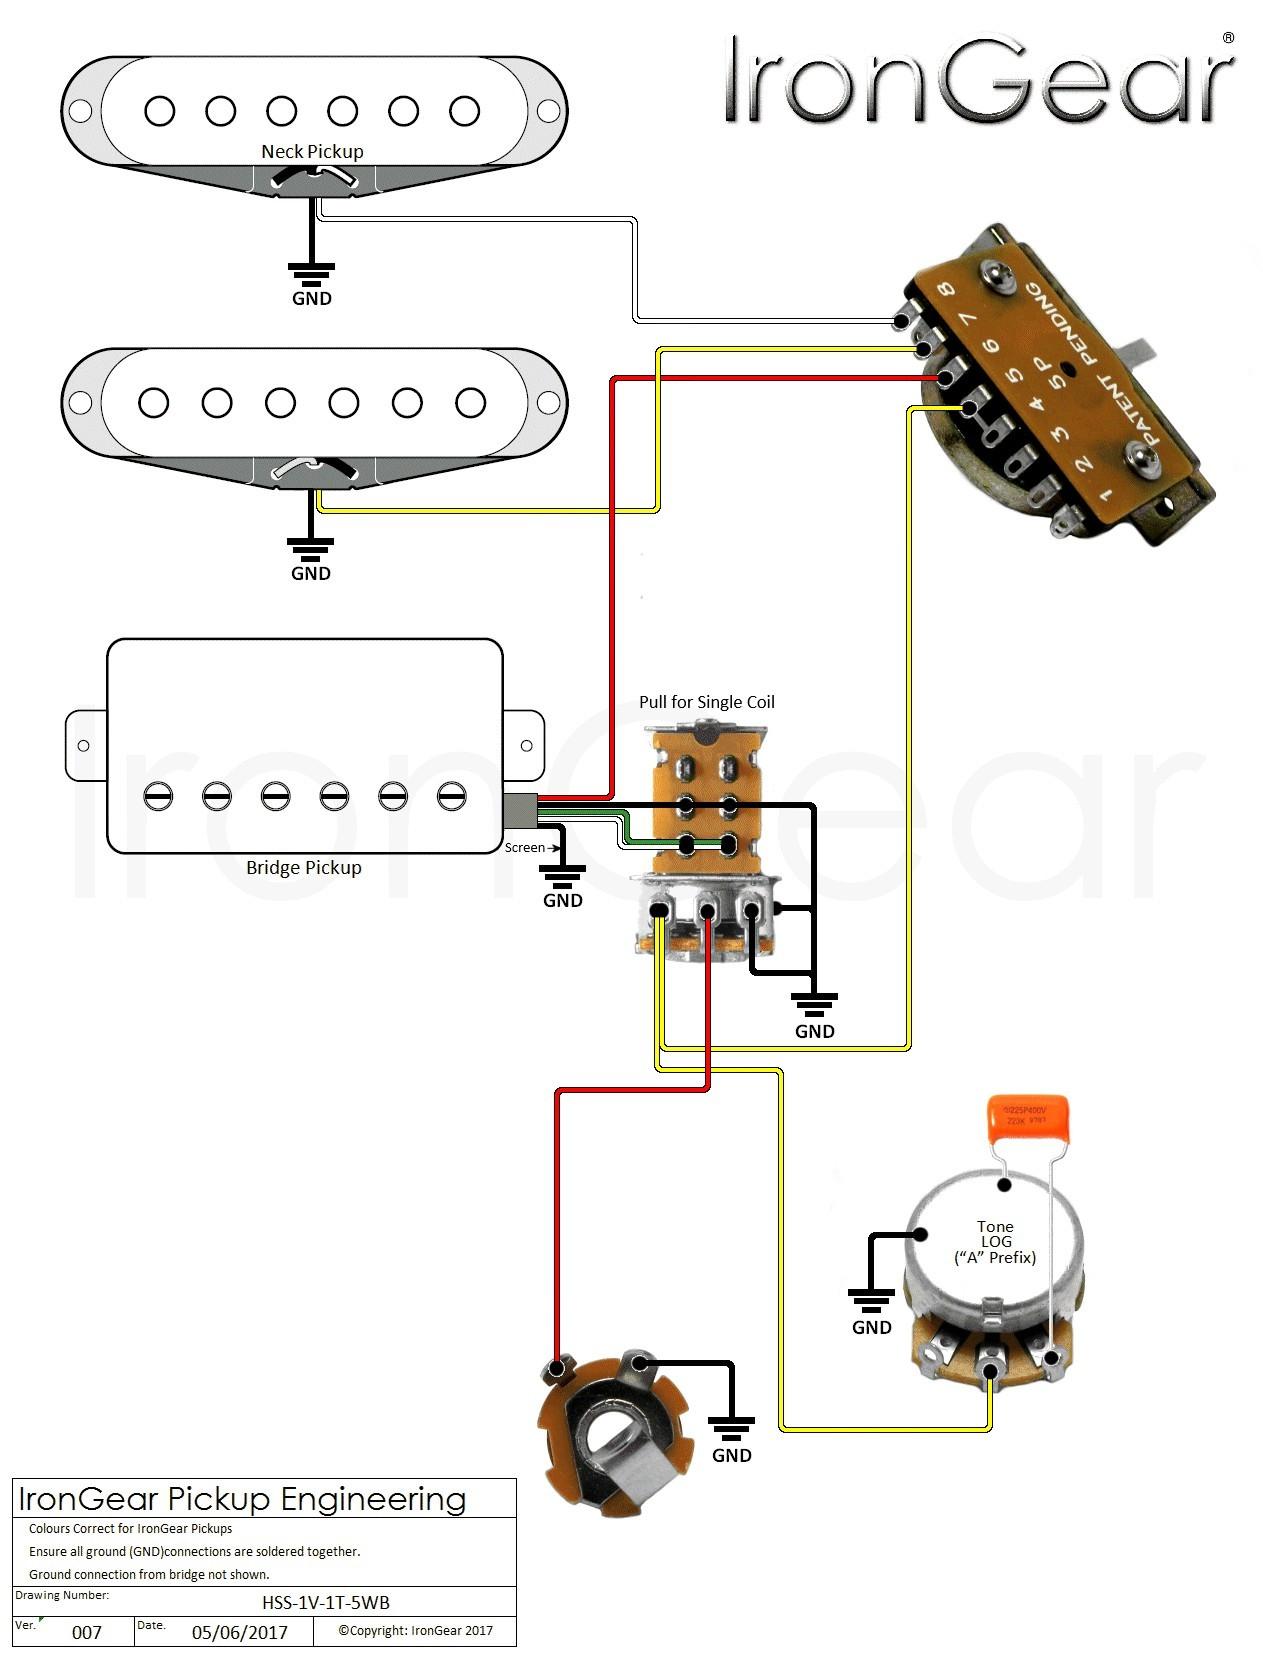 IronGear Pickups Wiring Guitar Wiring Diagram 2 Humbucker 1 Volume 1 tone